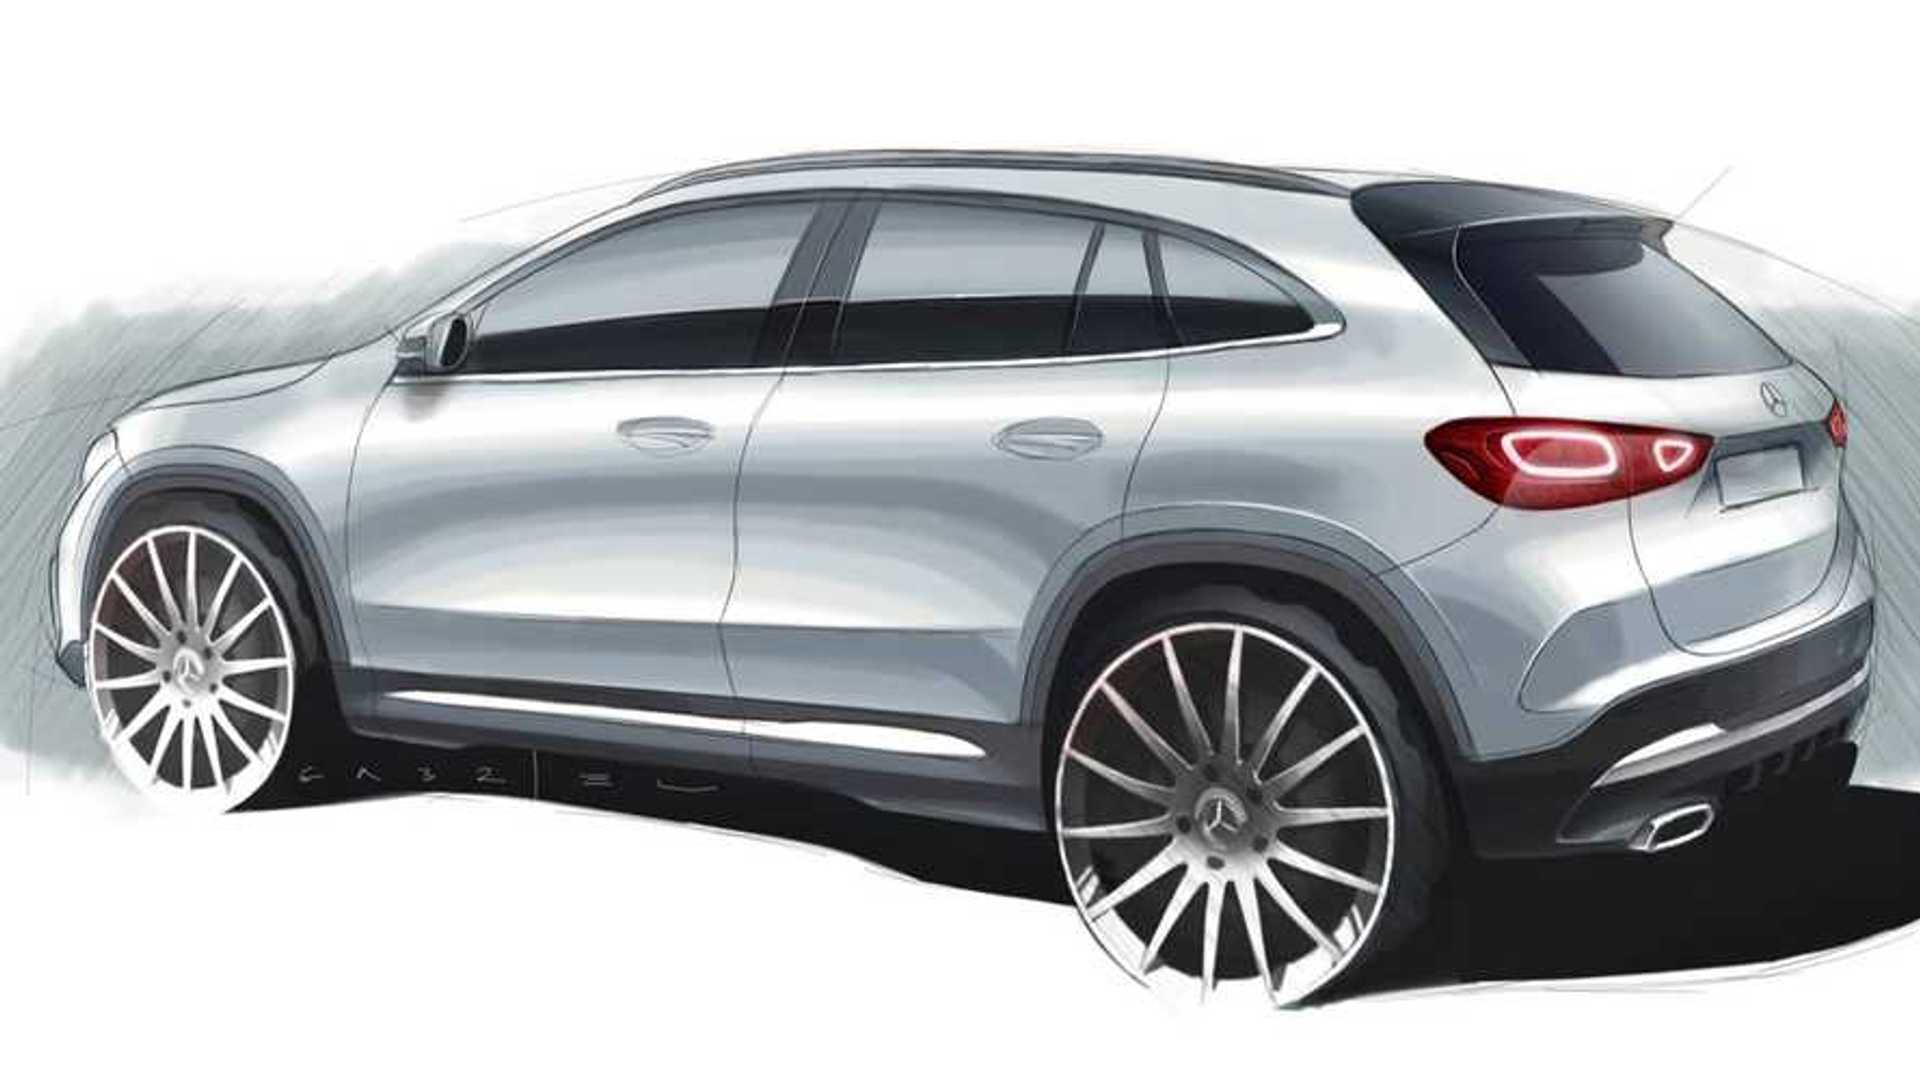 2021 Mercedes GLA Teased In Revealing Design Sketch